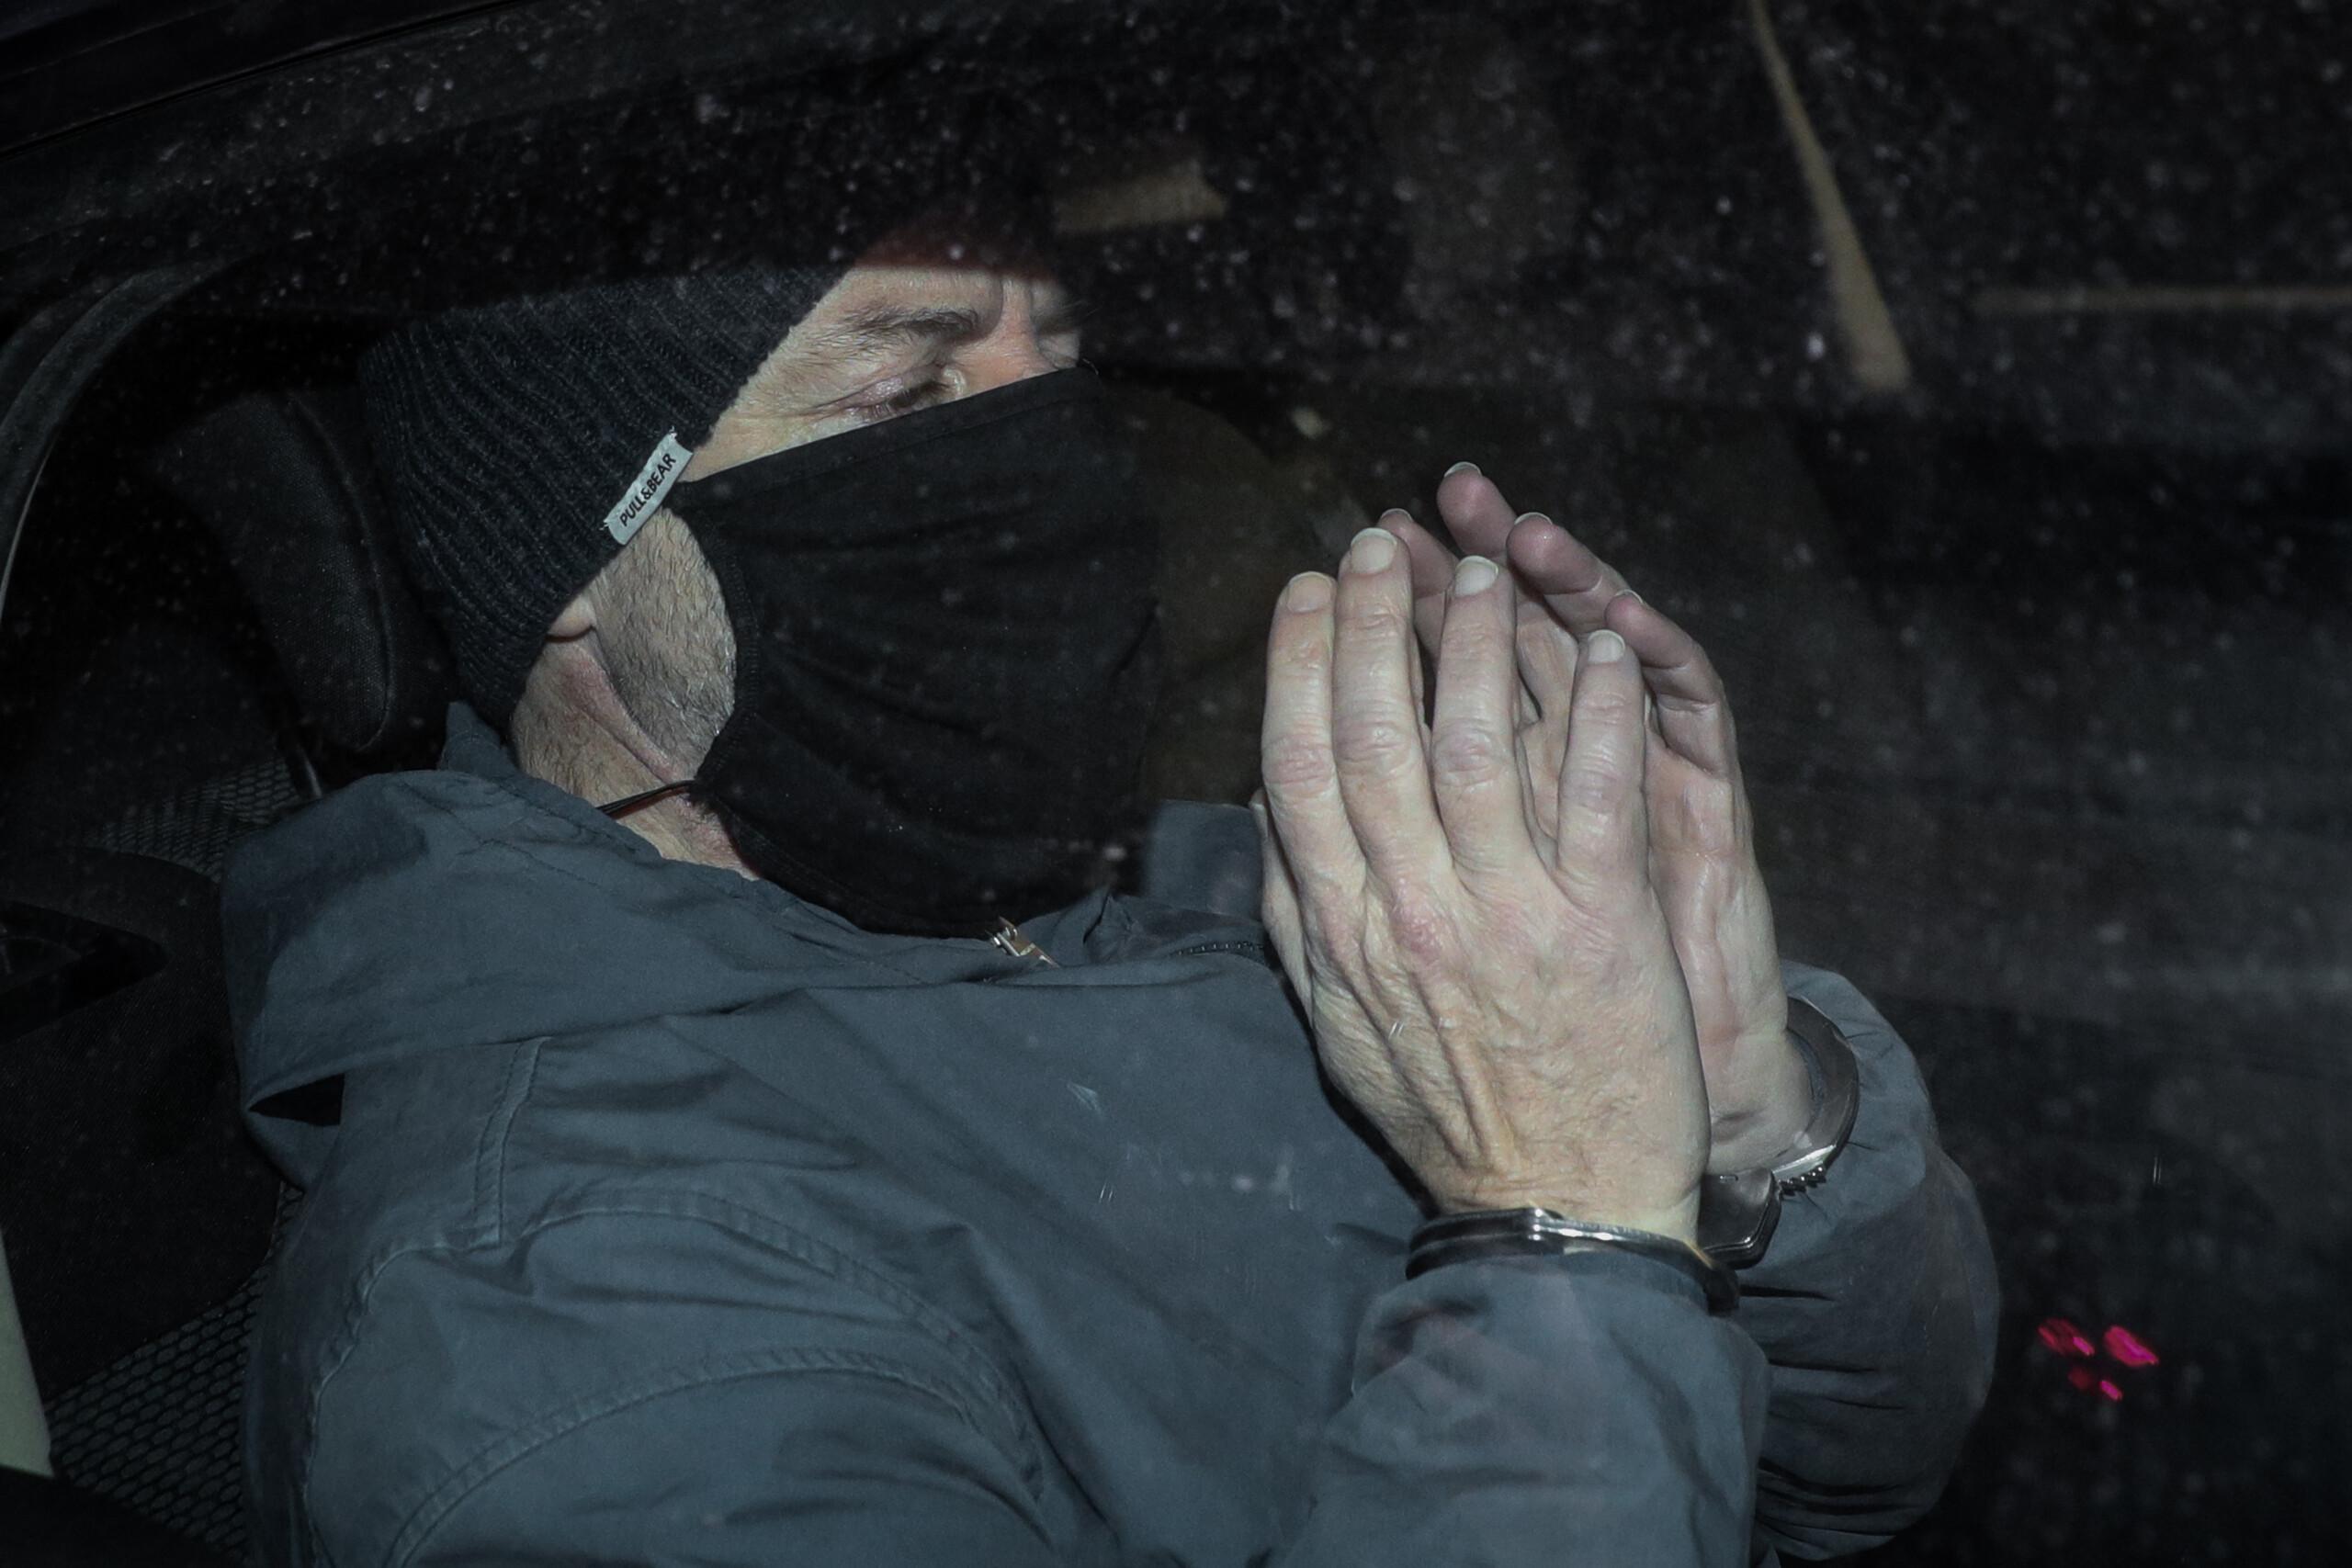 Στις φυλακές της Τρίπολης οδηγείται ο Δημήτρης Λιγνάδης μετά την απόφαση για προφυλάκιση